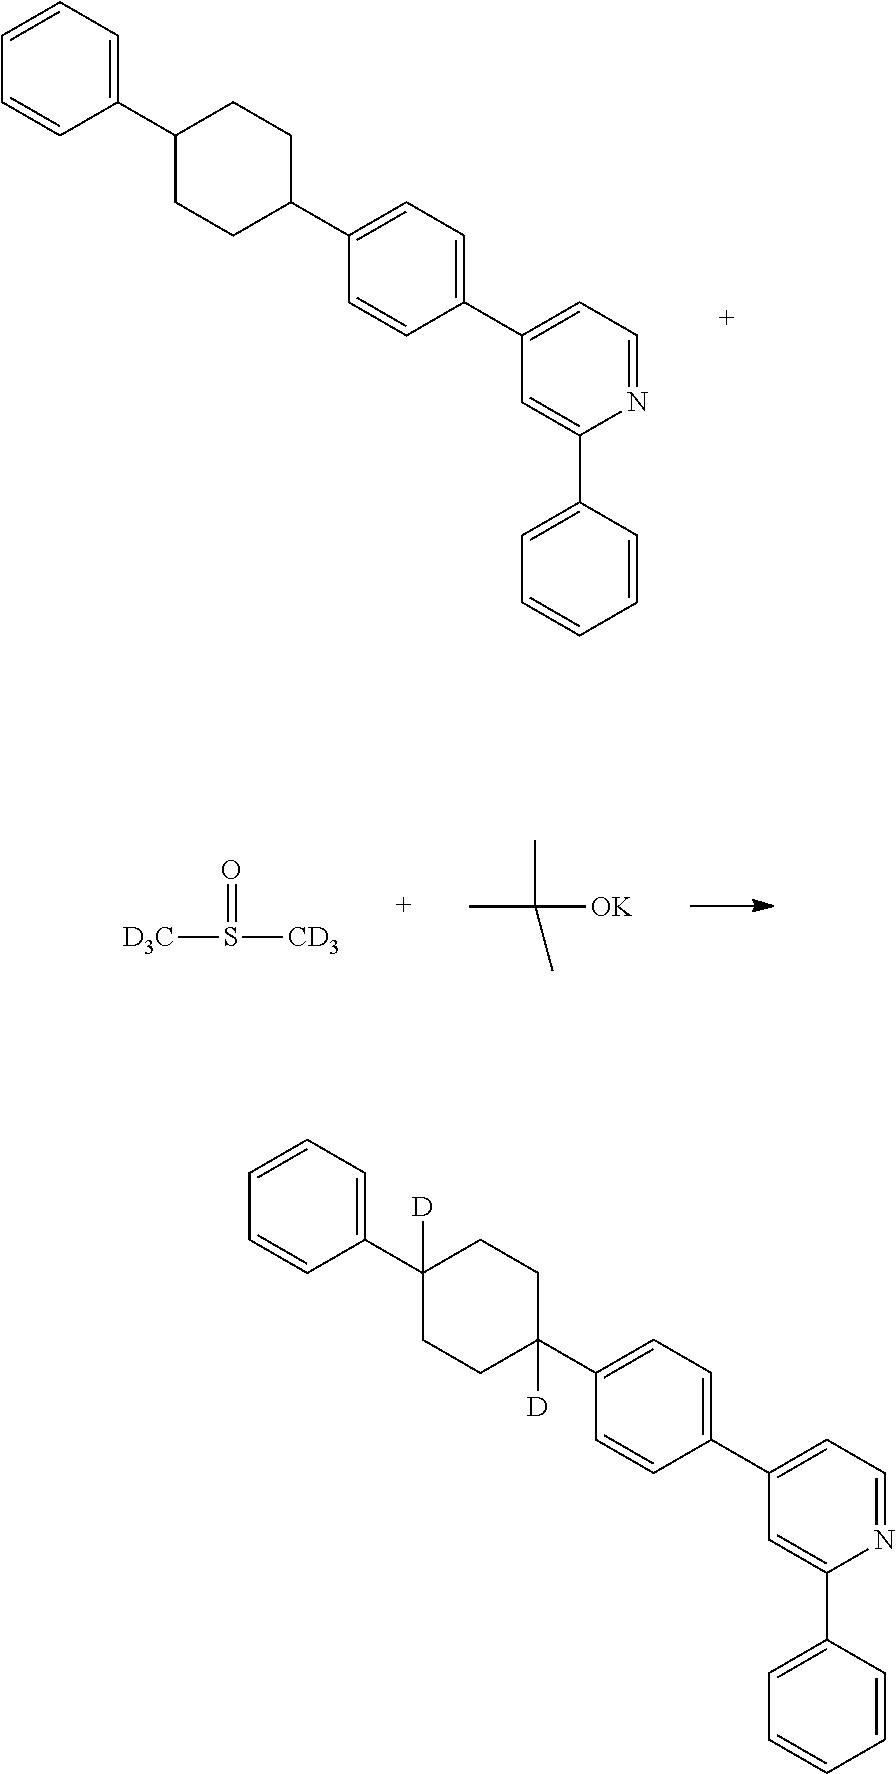 Figure US20180076393A1-20180315-C00133